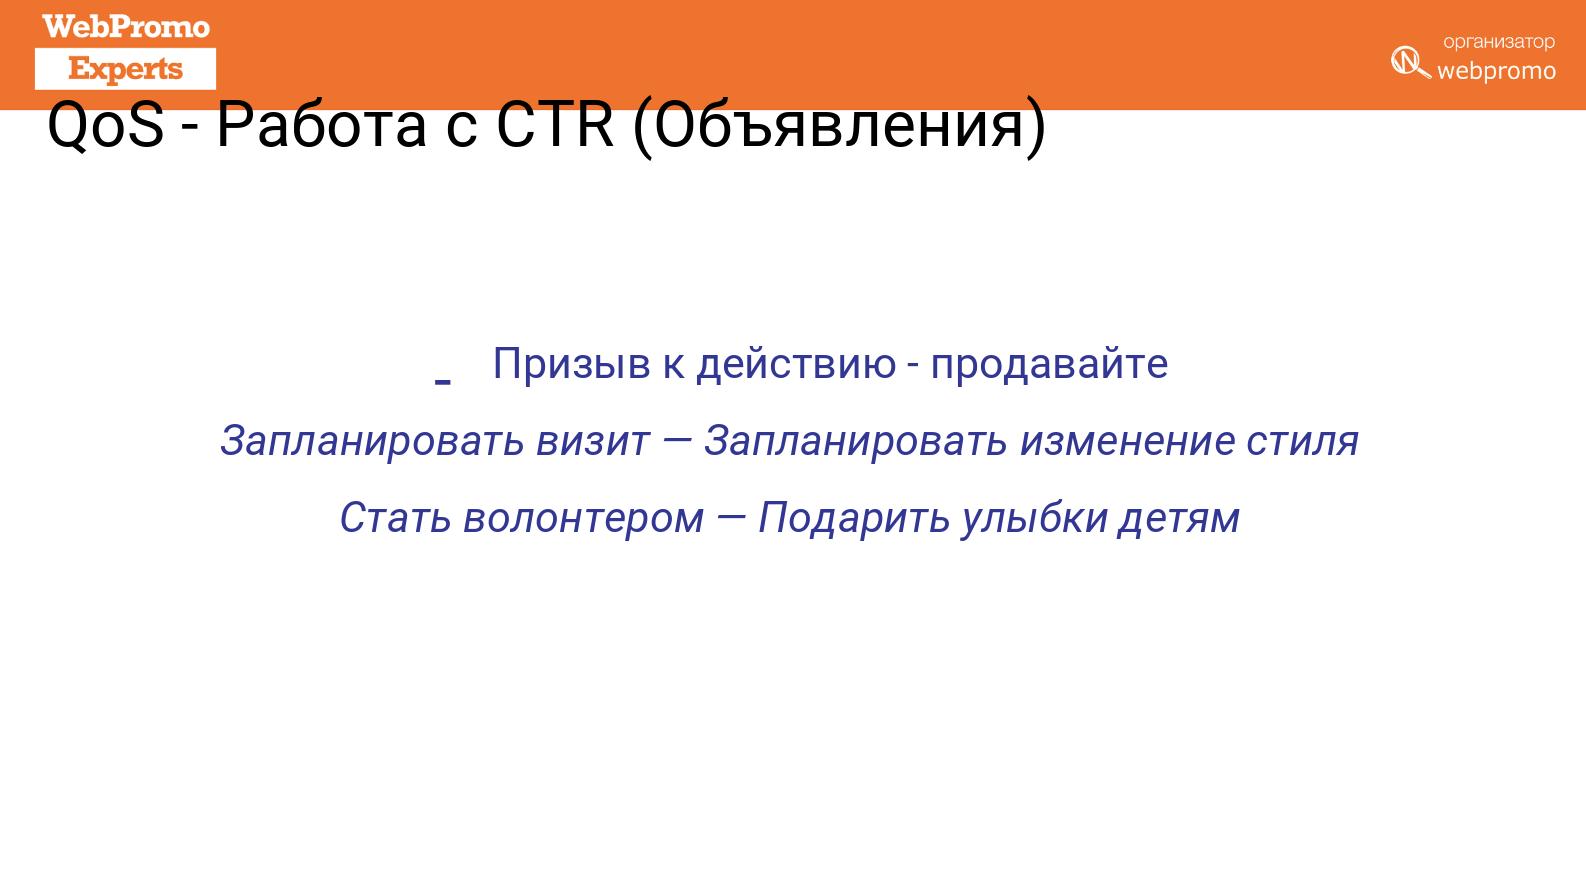 Также в объявлениях с низким CTR можно попробовать поменять призыв к действию: добавить его или переформировать